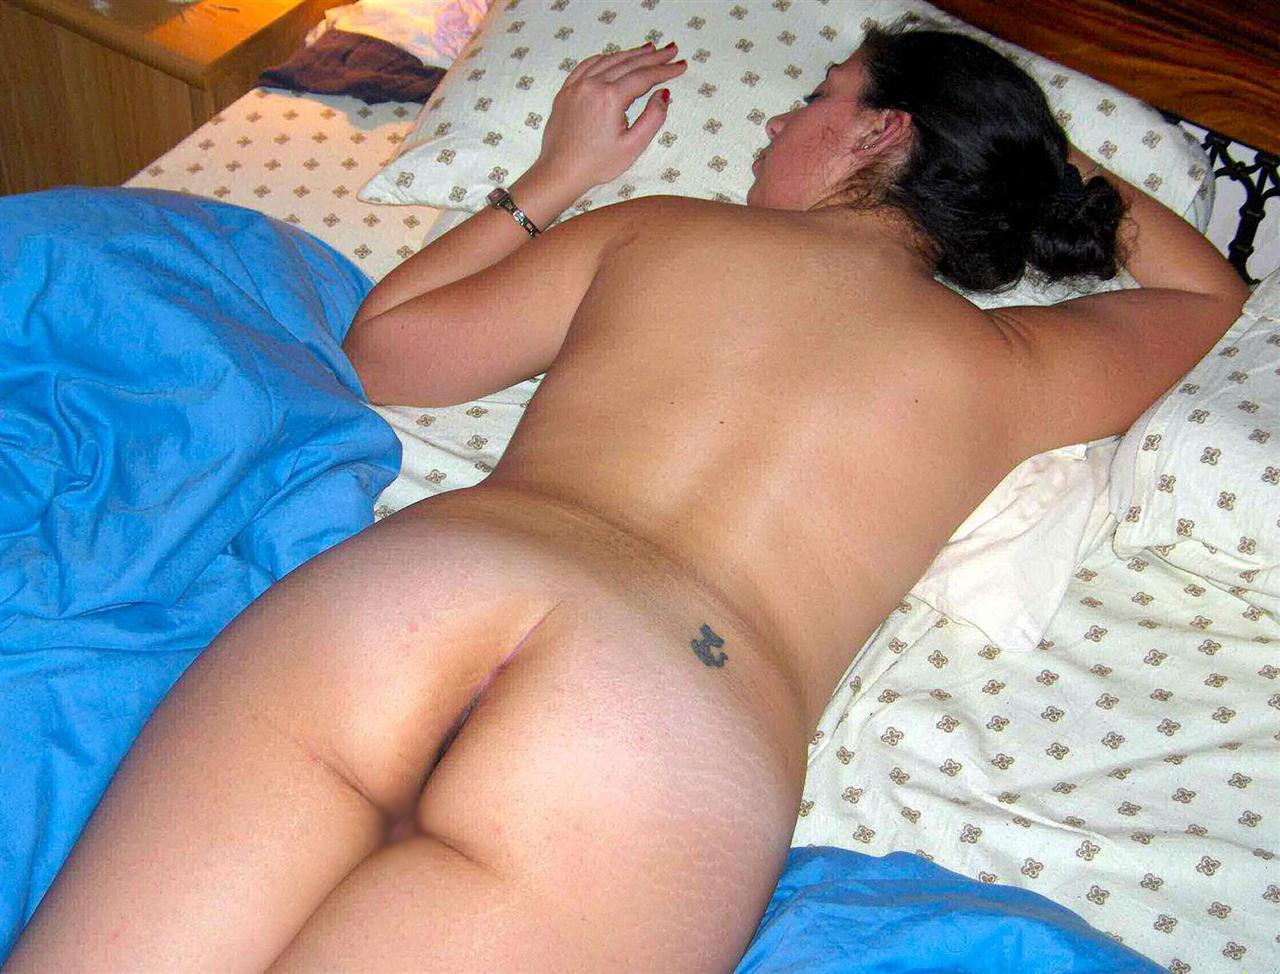 【夜這いエロ画像】事後にパシャリ!ヤリ疲れて眠る外人妻の全裸寝姿(;゚Д゚)